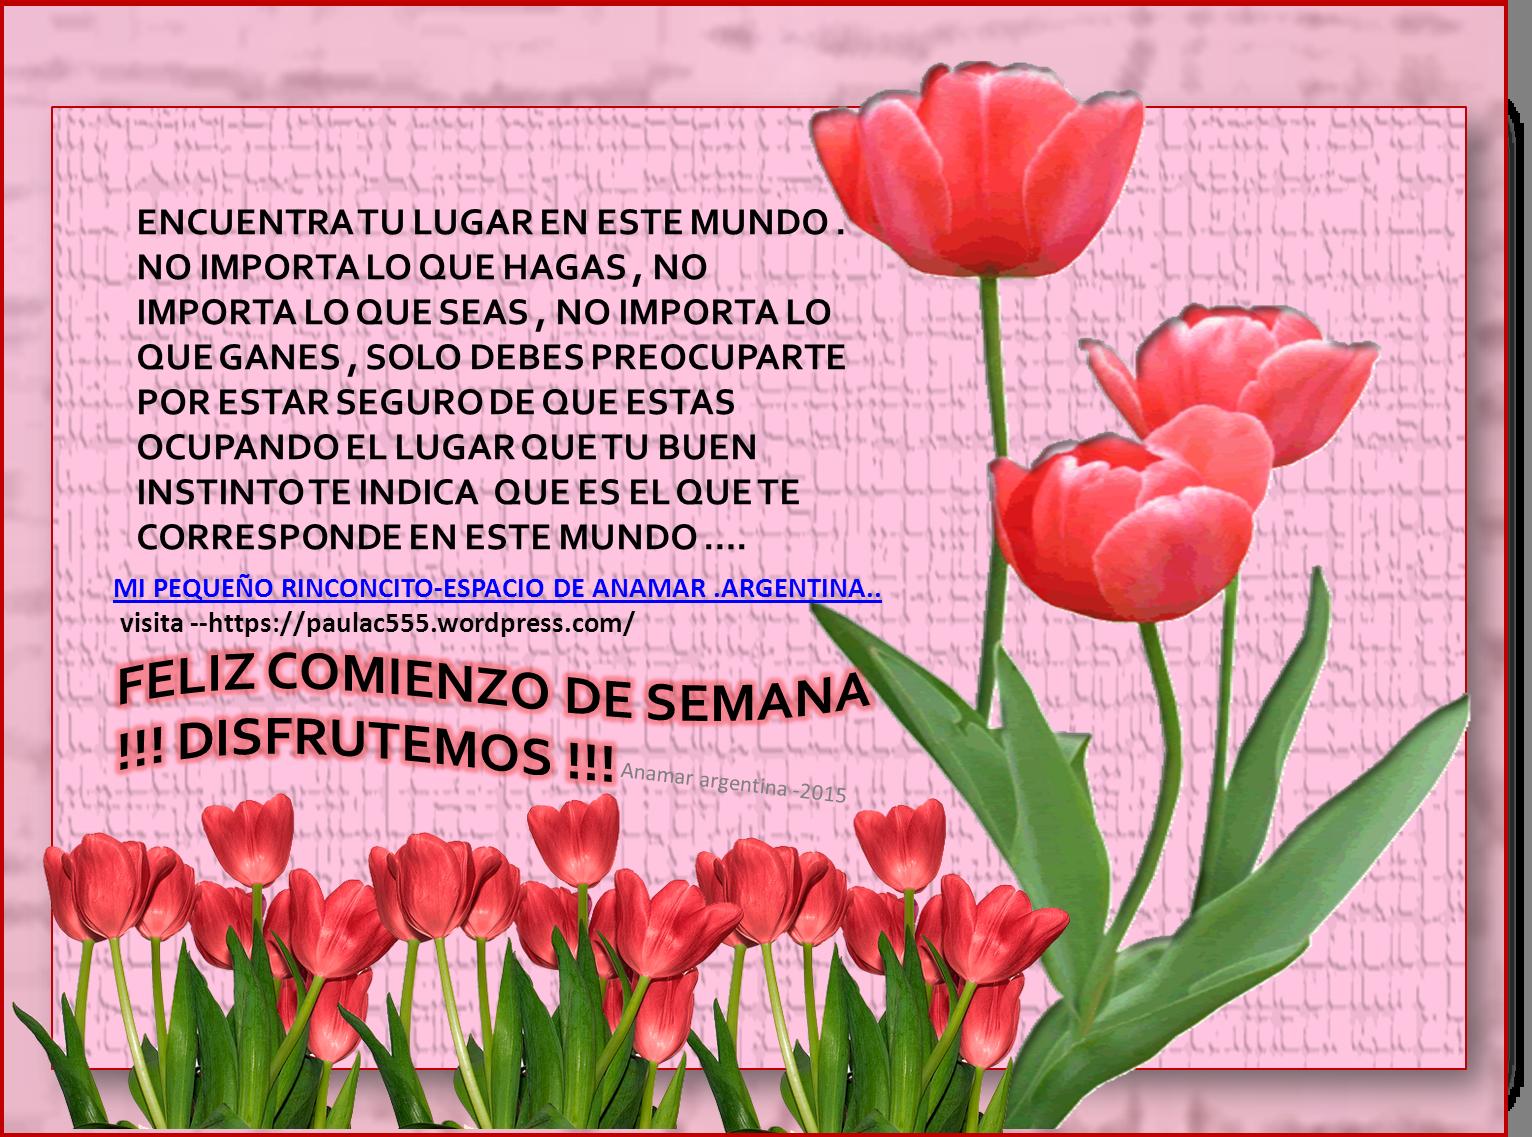 Imagen pensamientos positivos motivadores -INICIO DE SEMANA -anamar  argentina -2015